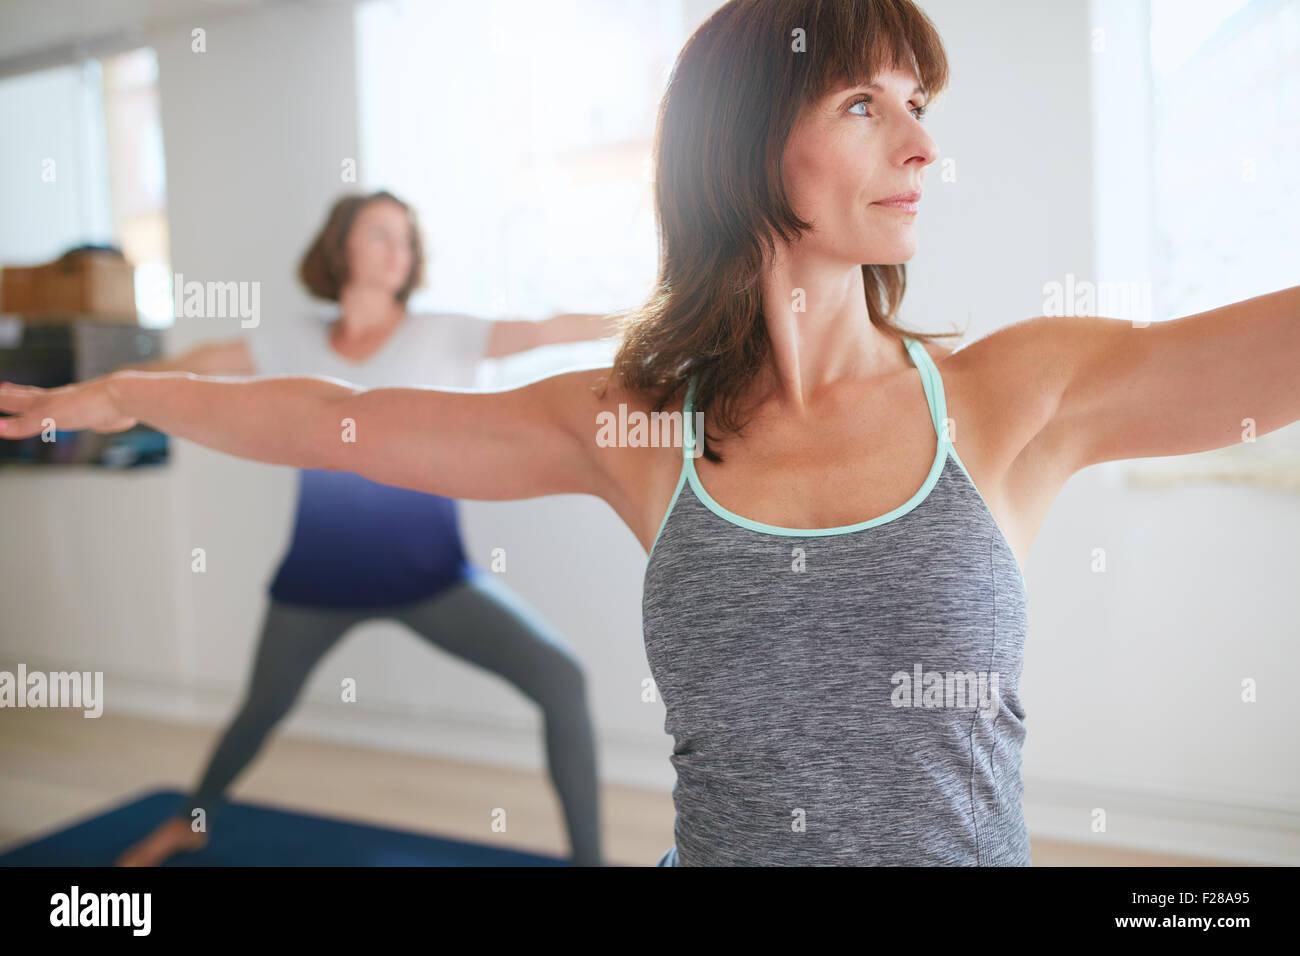 Fitness-Trainer tut der Krieger-Pose während der Yoga-Kurs. Yoga-Lehrerin Durchführung Virabhadrasana Stockbild